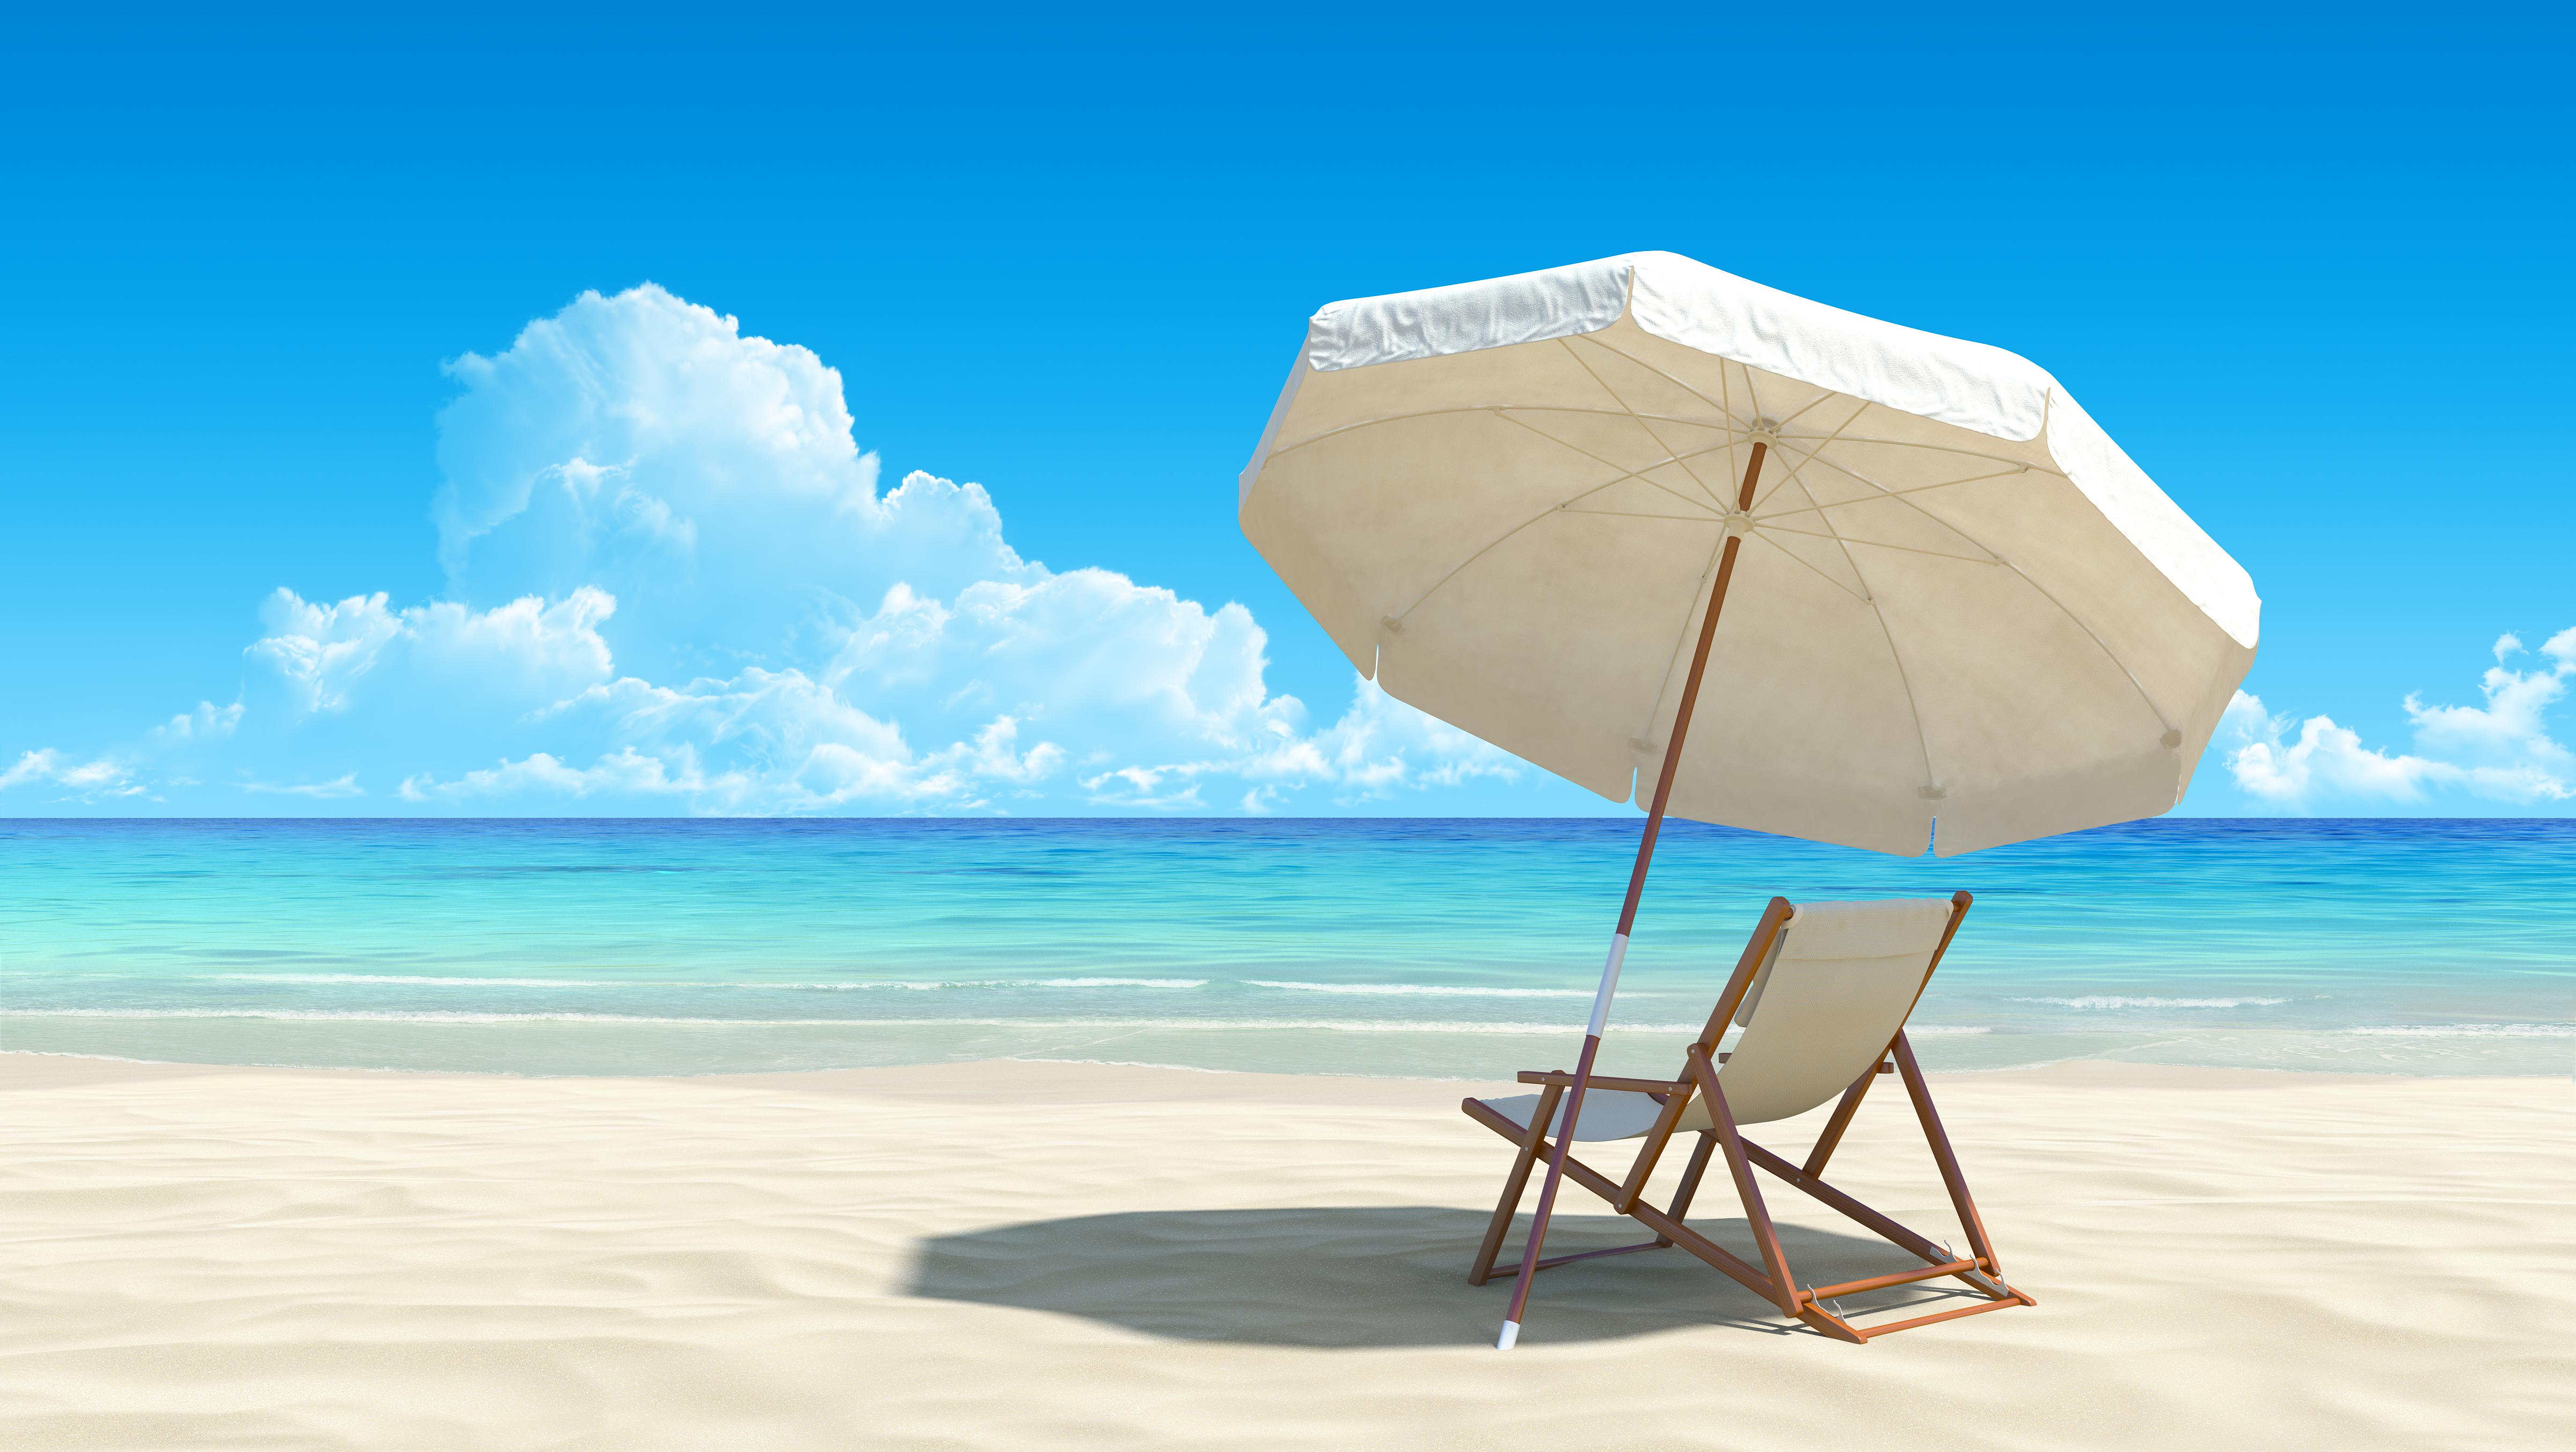 Débrancher pour mieux savourer les moments de voyage. Photo: Pixabay